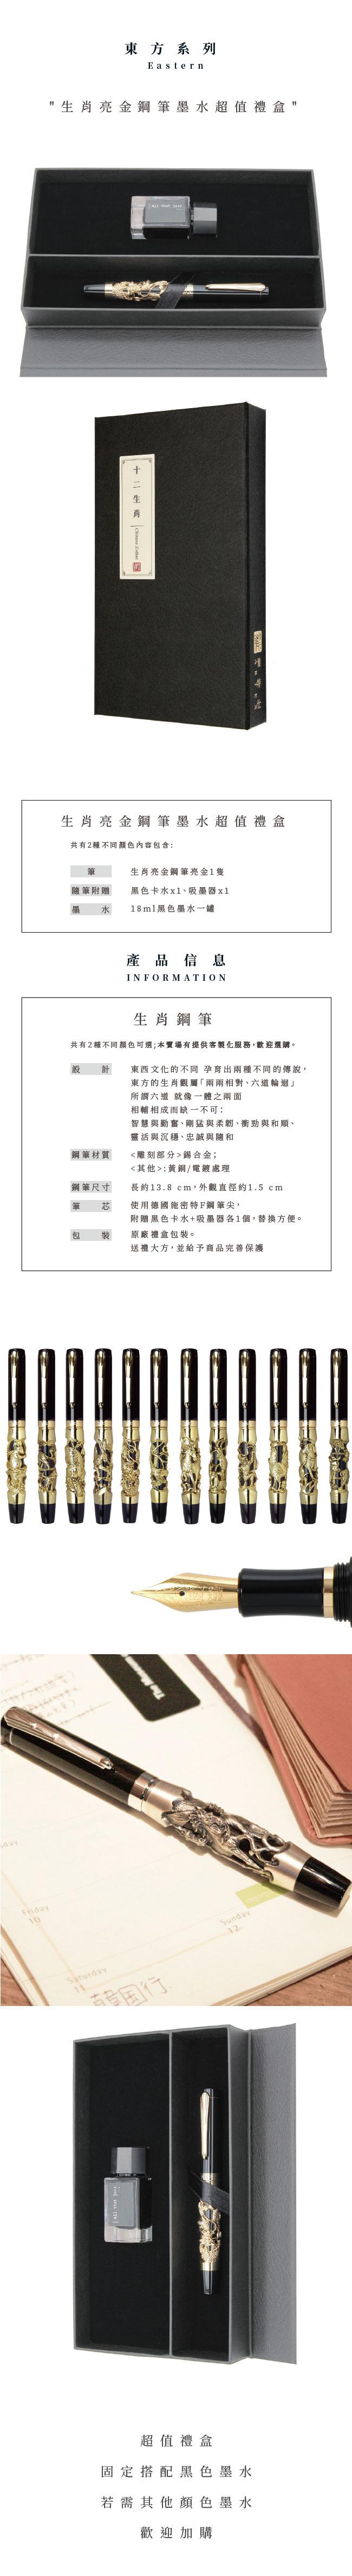 (複製)ARTEX| 生肖鋼筆墨水超值禮盒-古銀